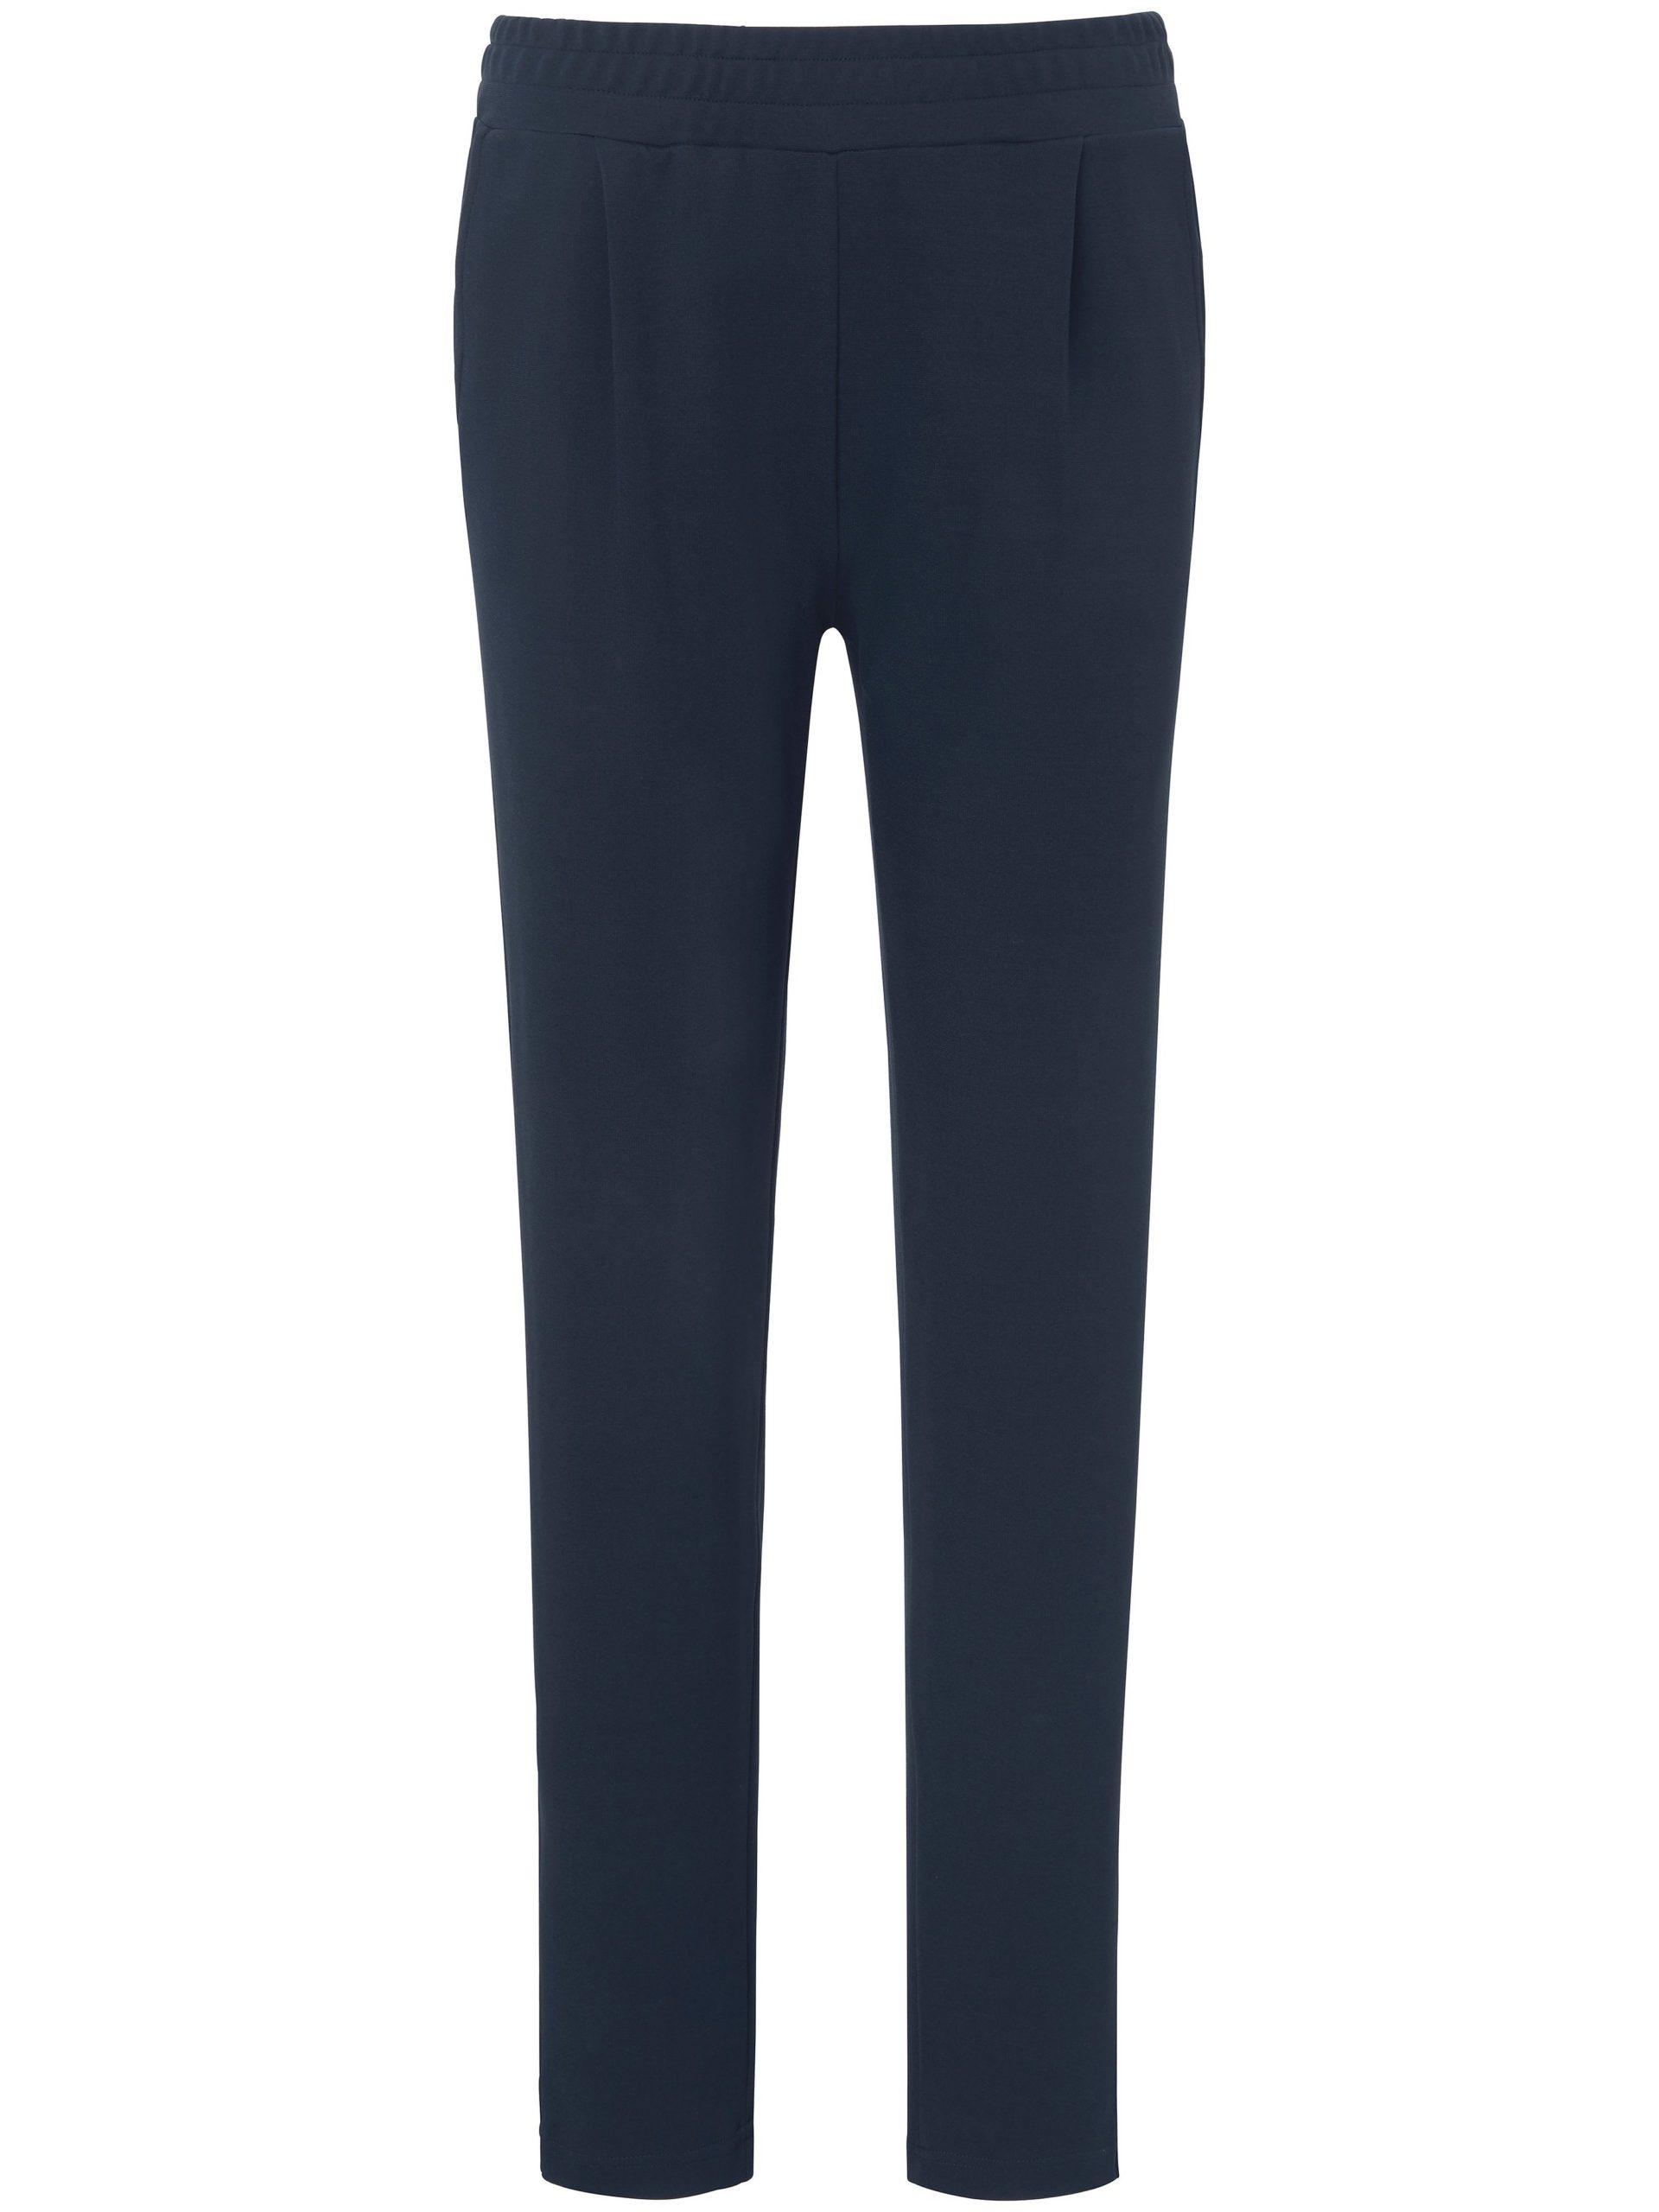 Broek met brede elastische band Van Peter Hahn blauw Kopen